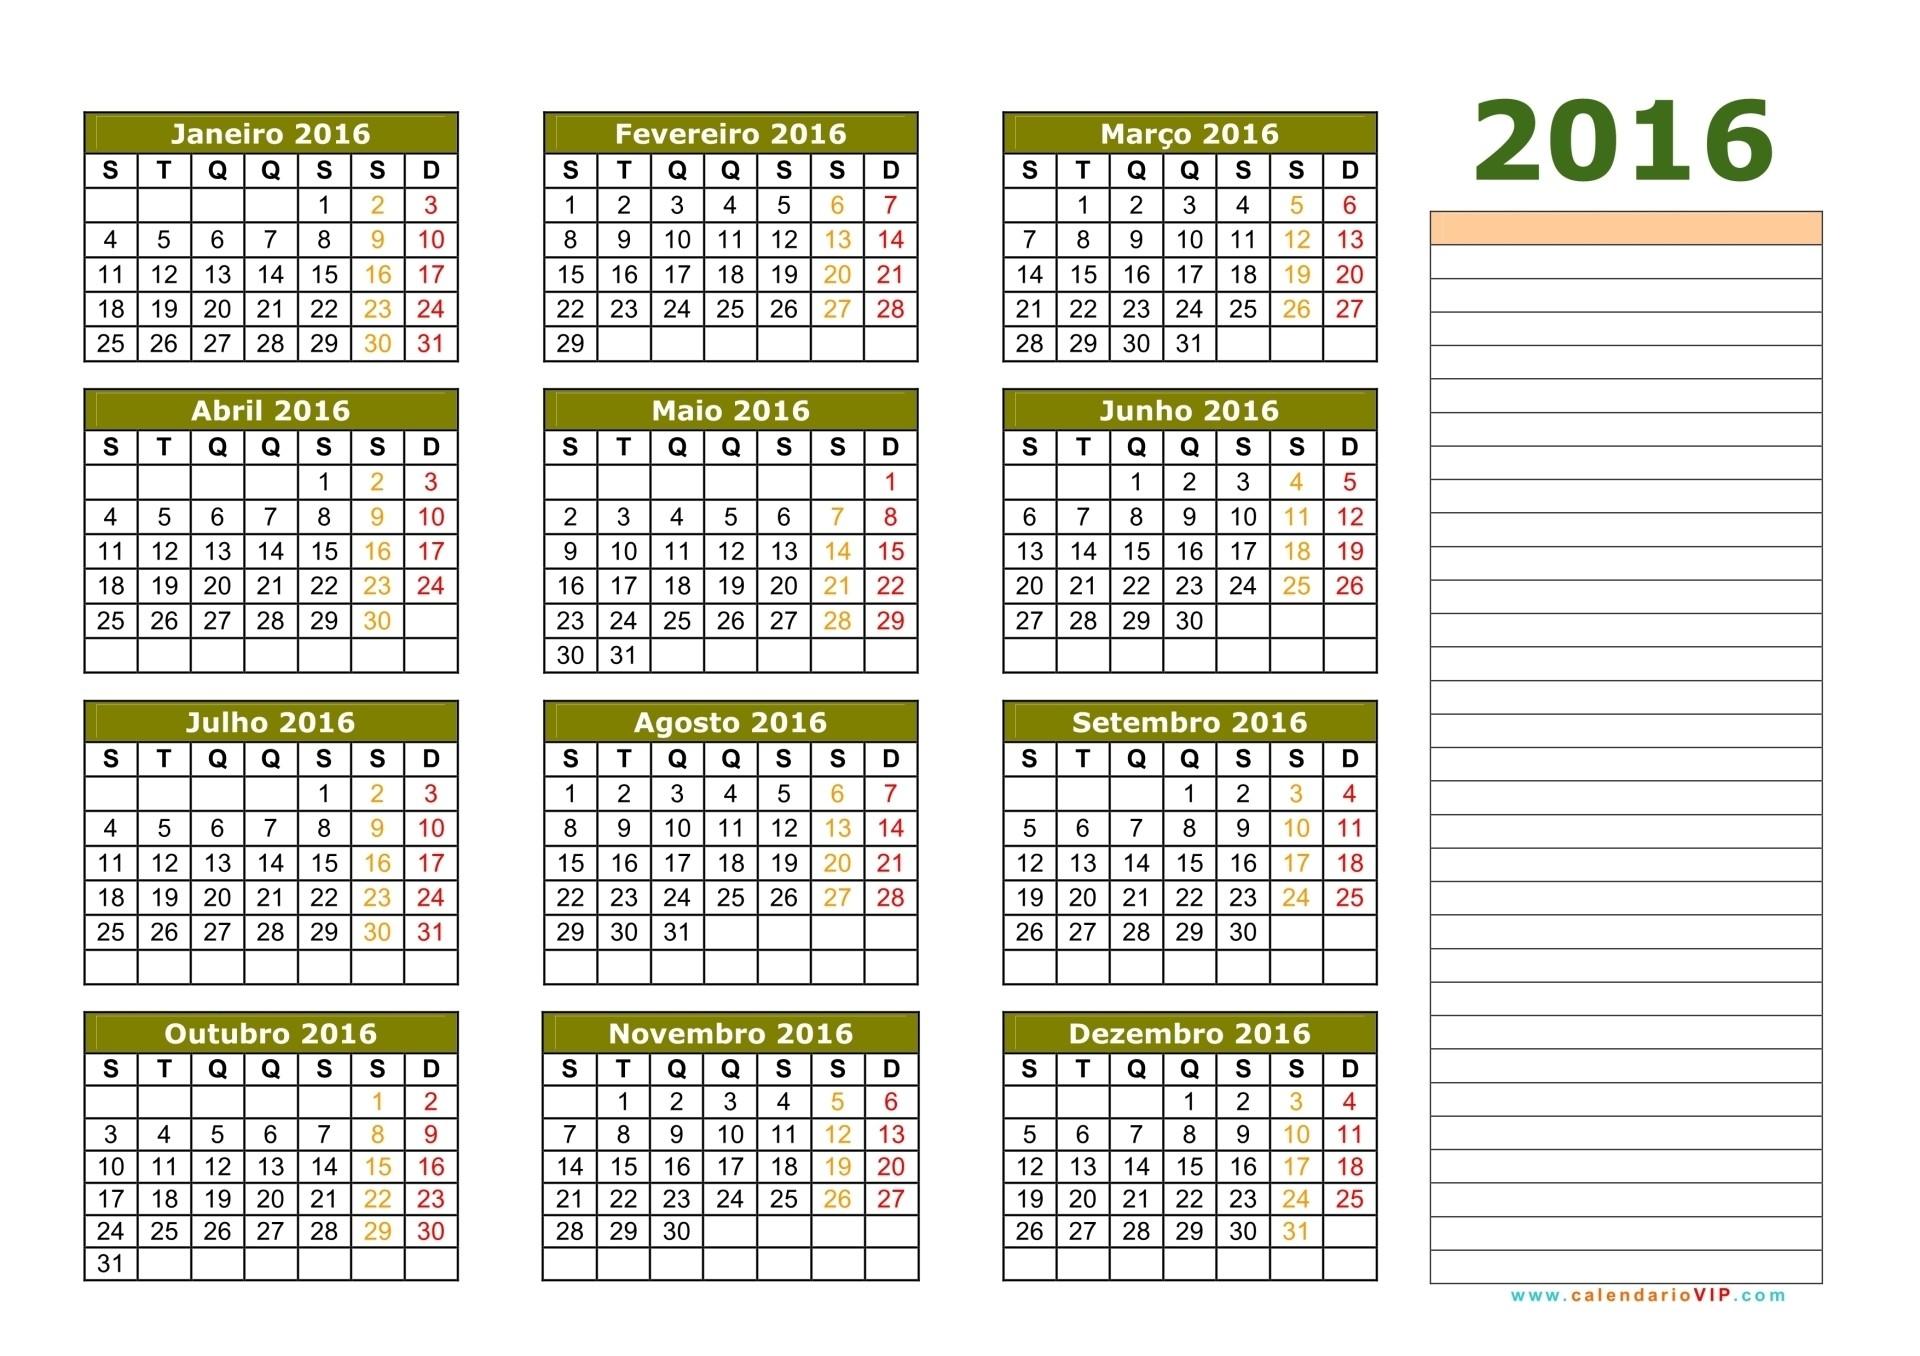 Calendario Para Imprimir Webcid Más Arriba-a-fecha Calendario 2018 Rj Hz43 Ivango Of Calendario Para Imprimir Webcid Actual Calendario 2018 Rj Hz43 Ivango